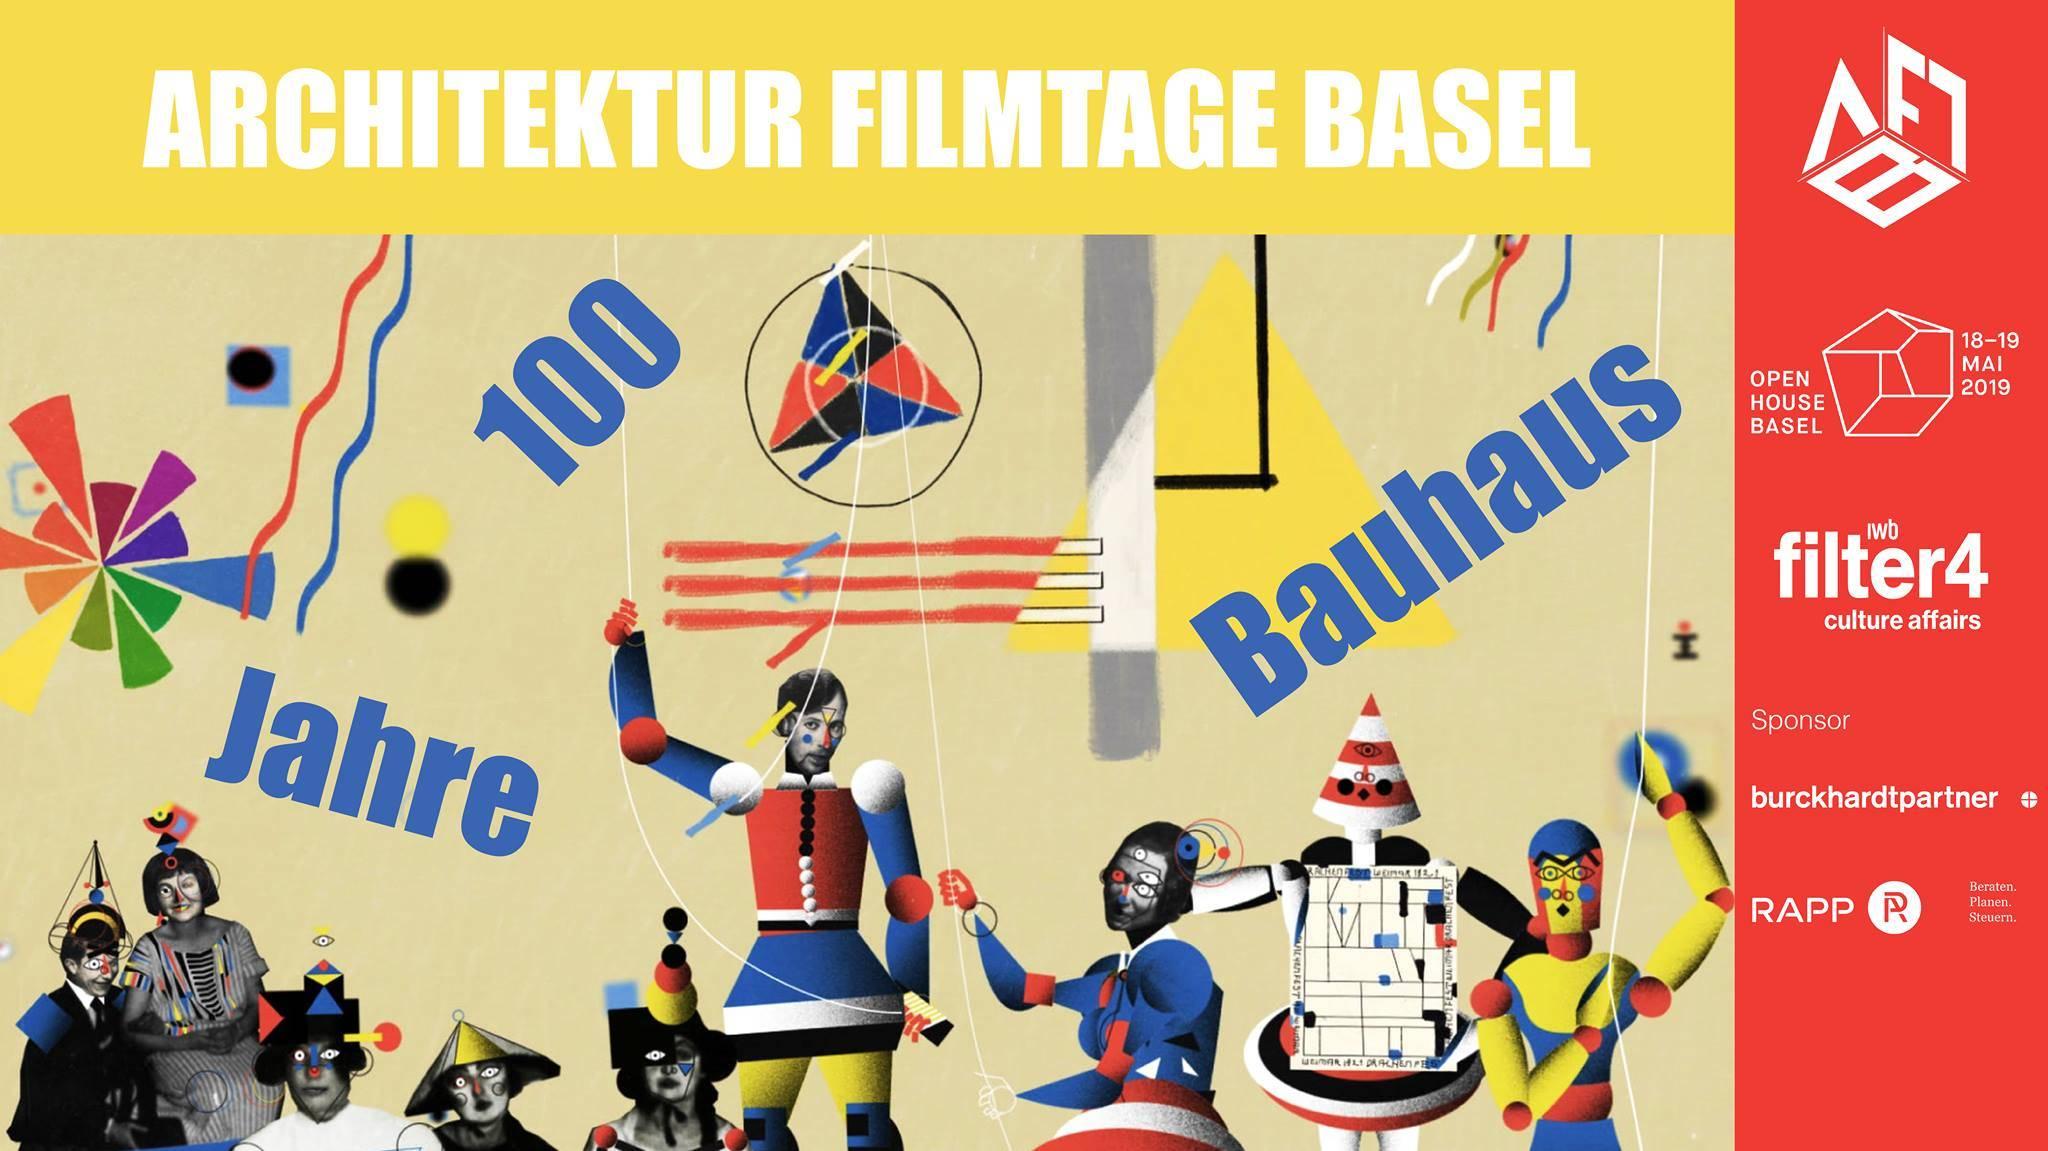 Open House Basel